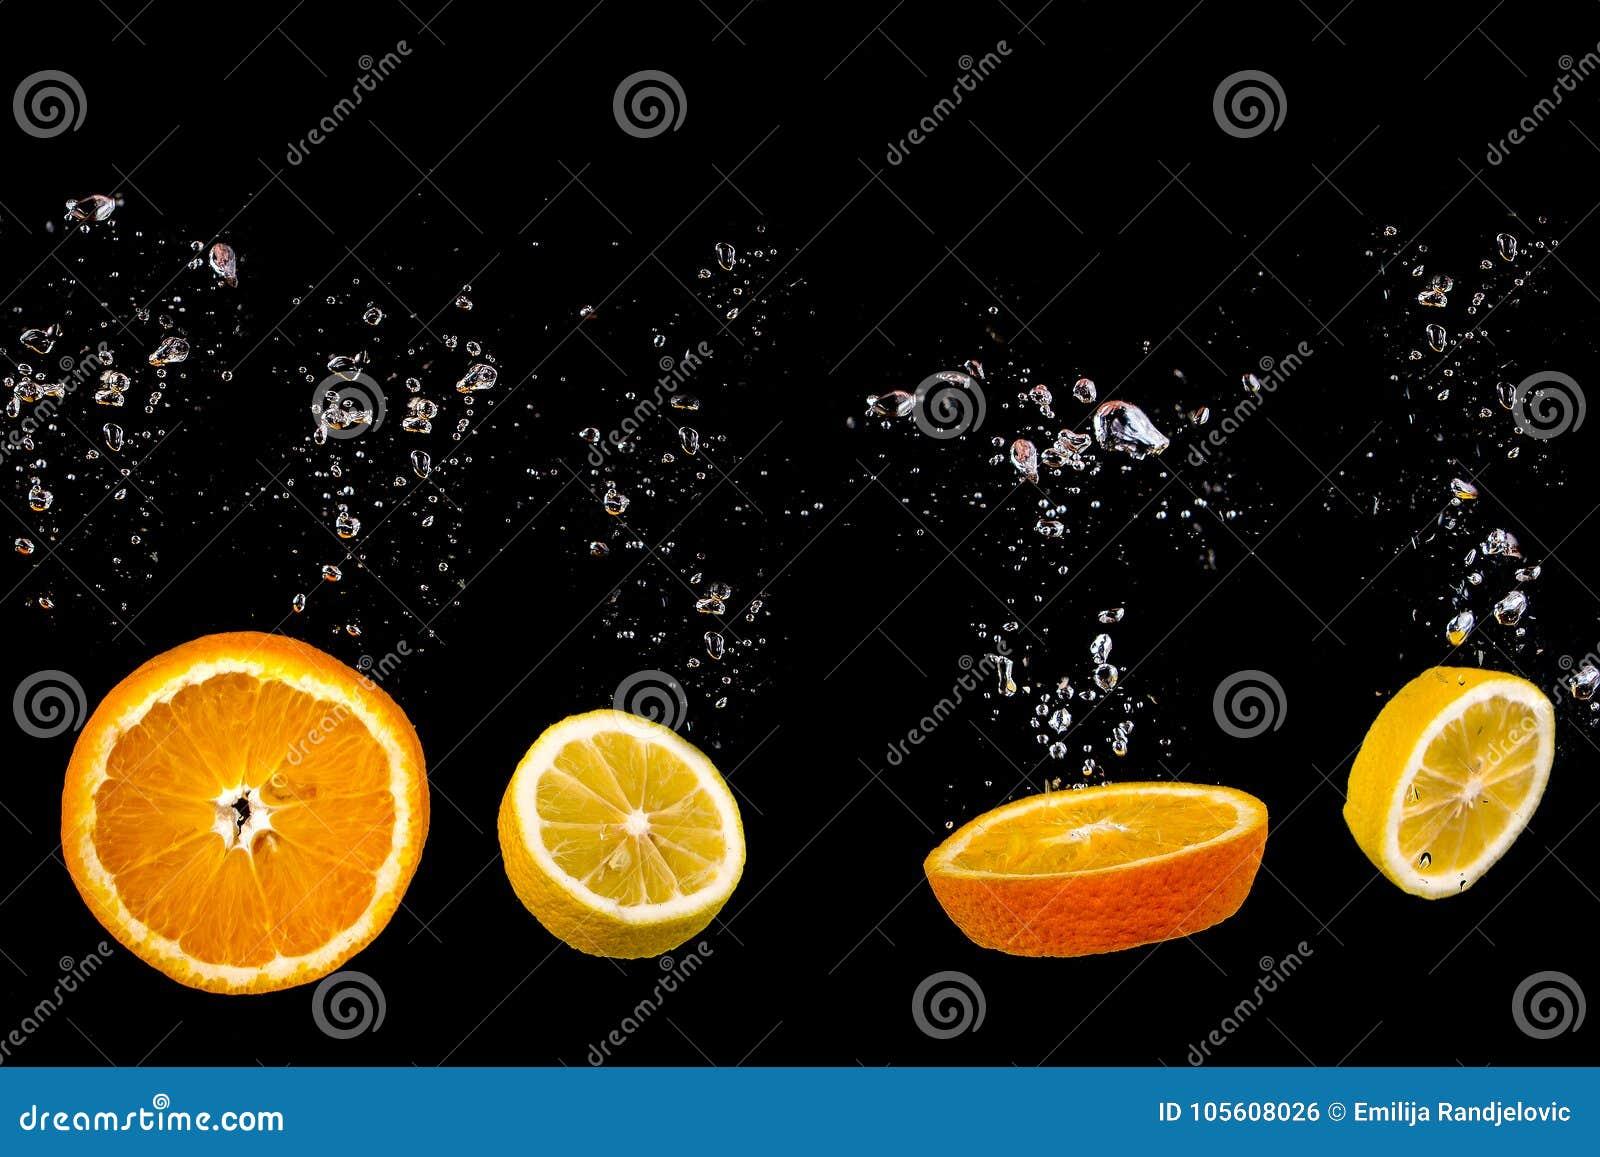 Van de besnoeiingssinaasappel en citroen de vlotters op water met bellen, vruchten is op een zwarte achtergrond